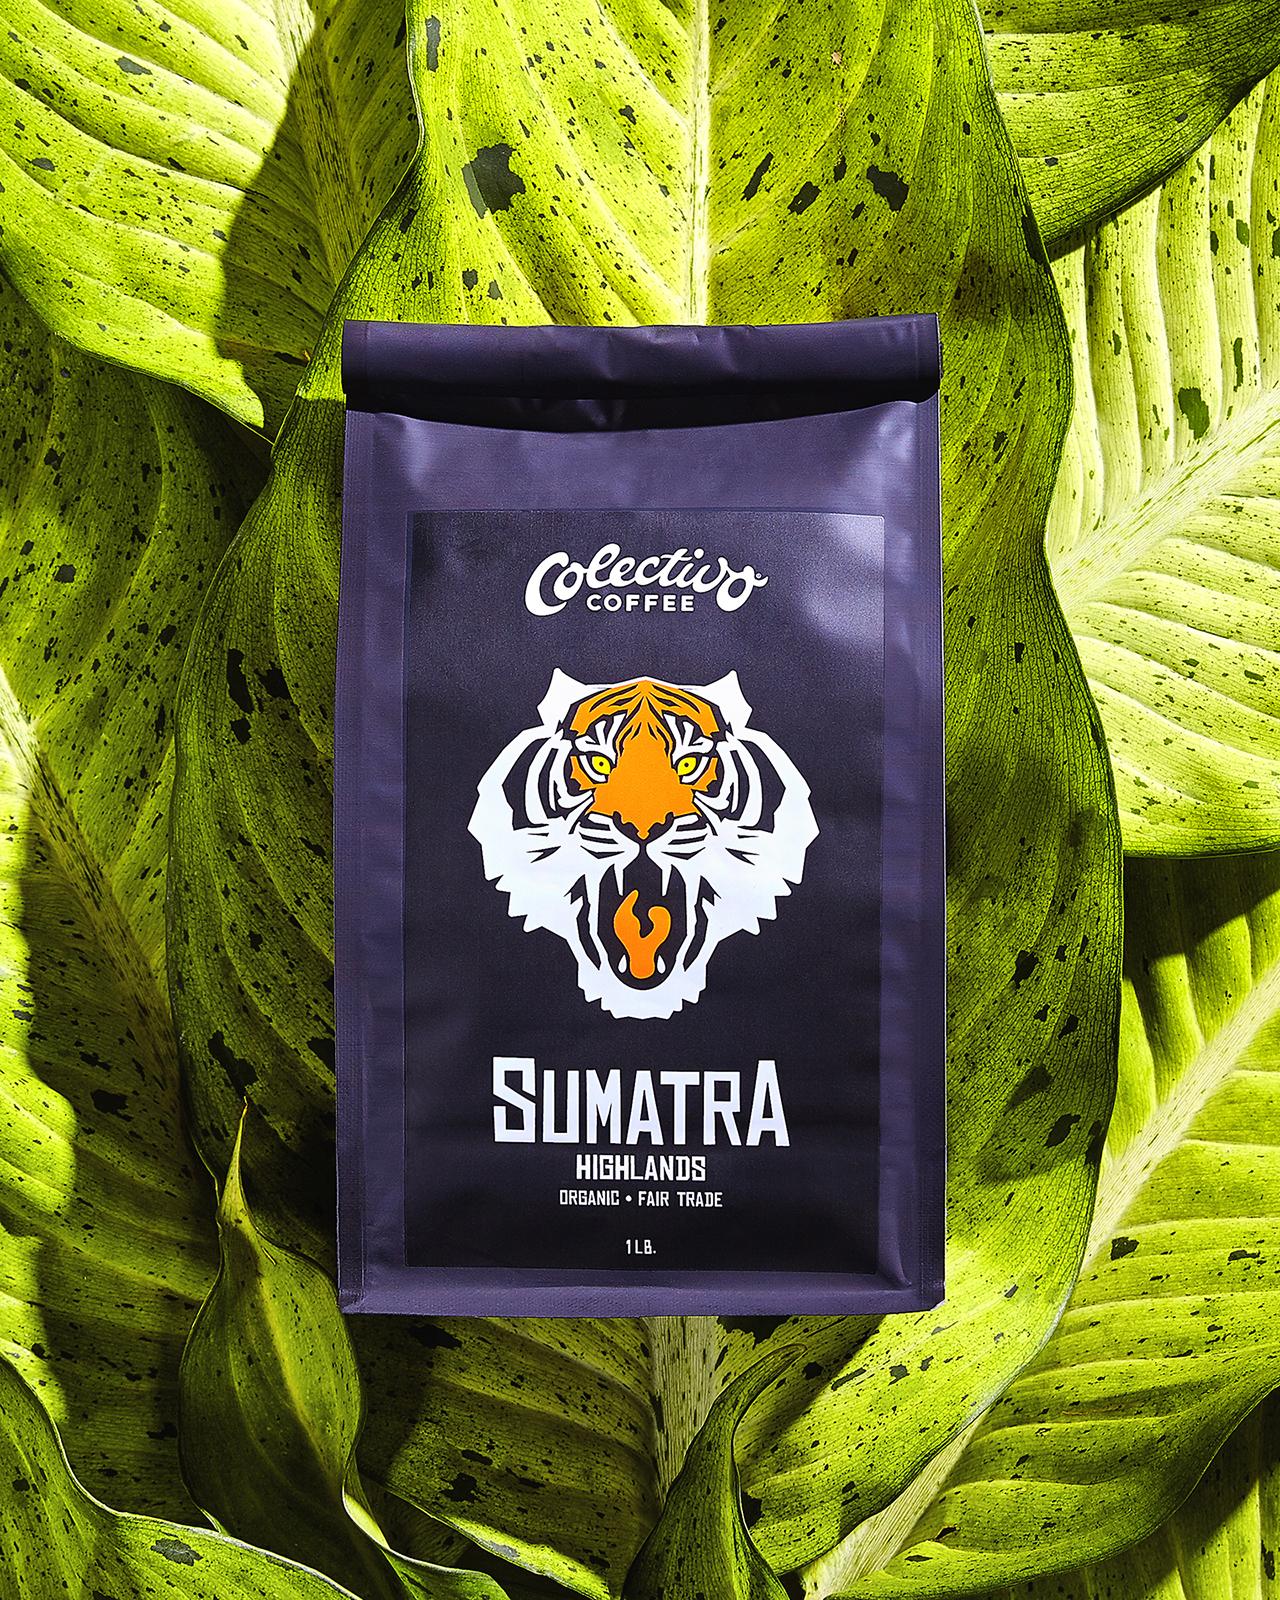 Sumatra_1600p.jpg